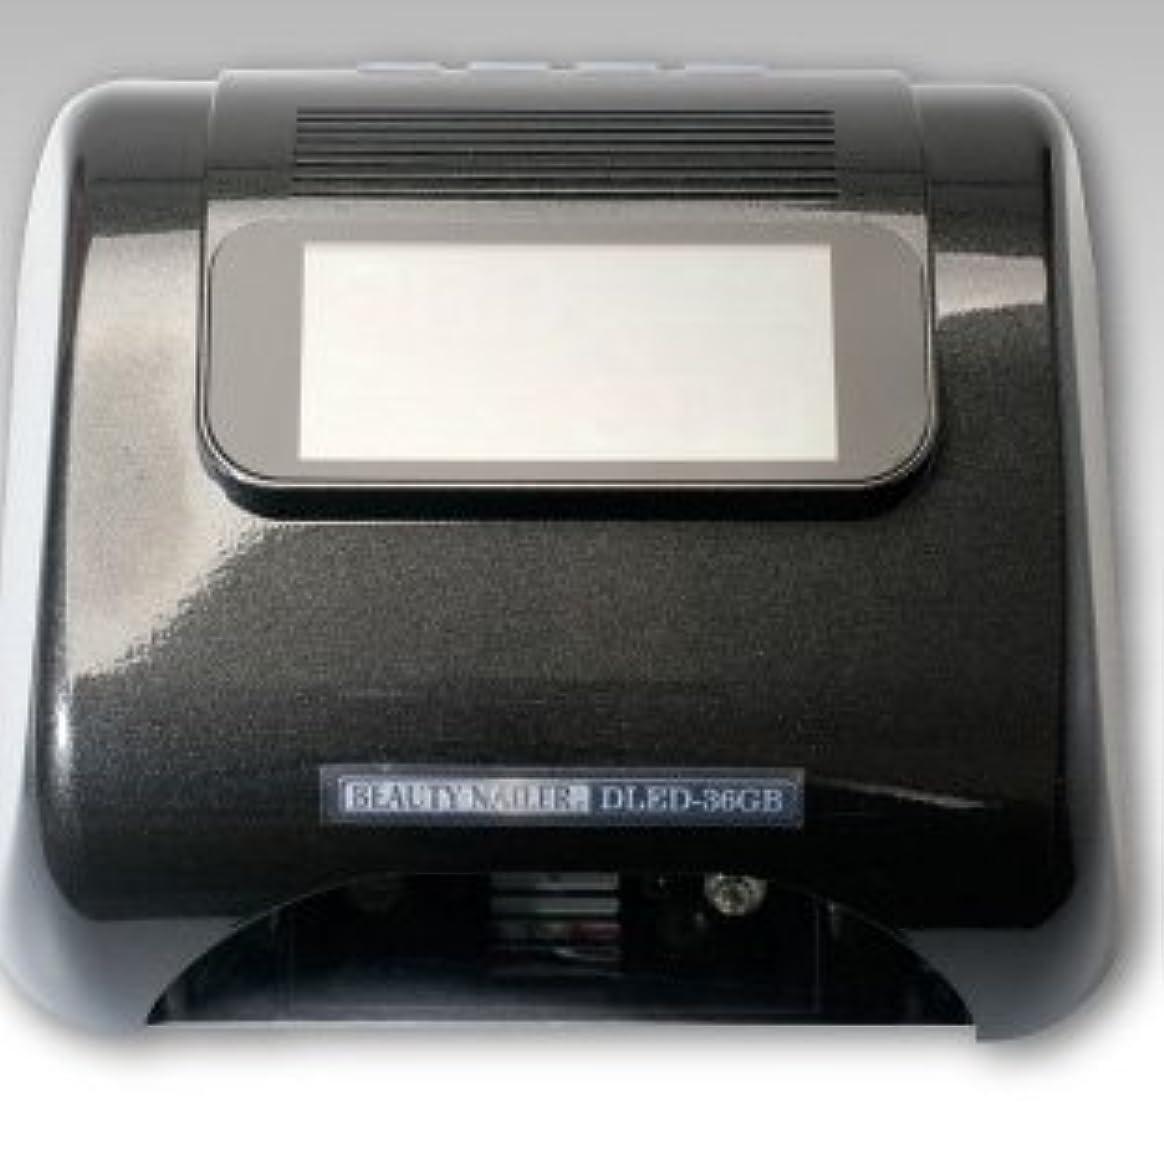 レビュー賢明なバスタブデジタル LEDライト DLED-36GB ムラキビューティネイラー